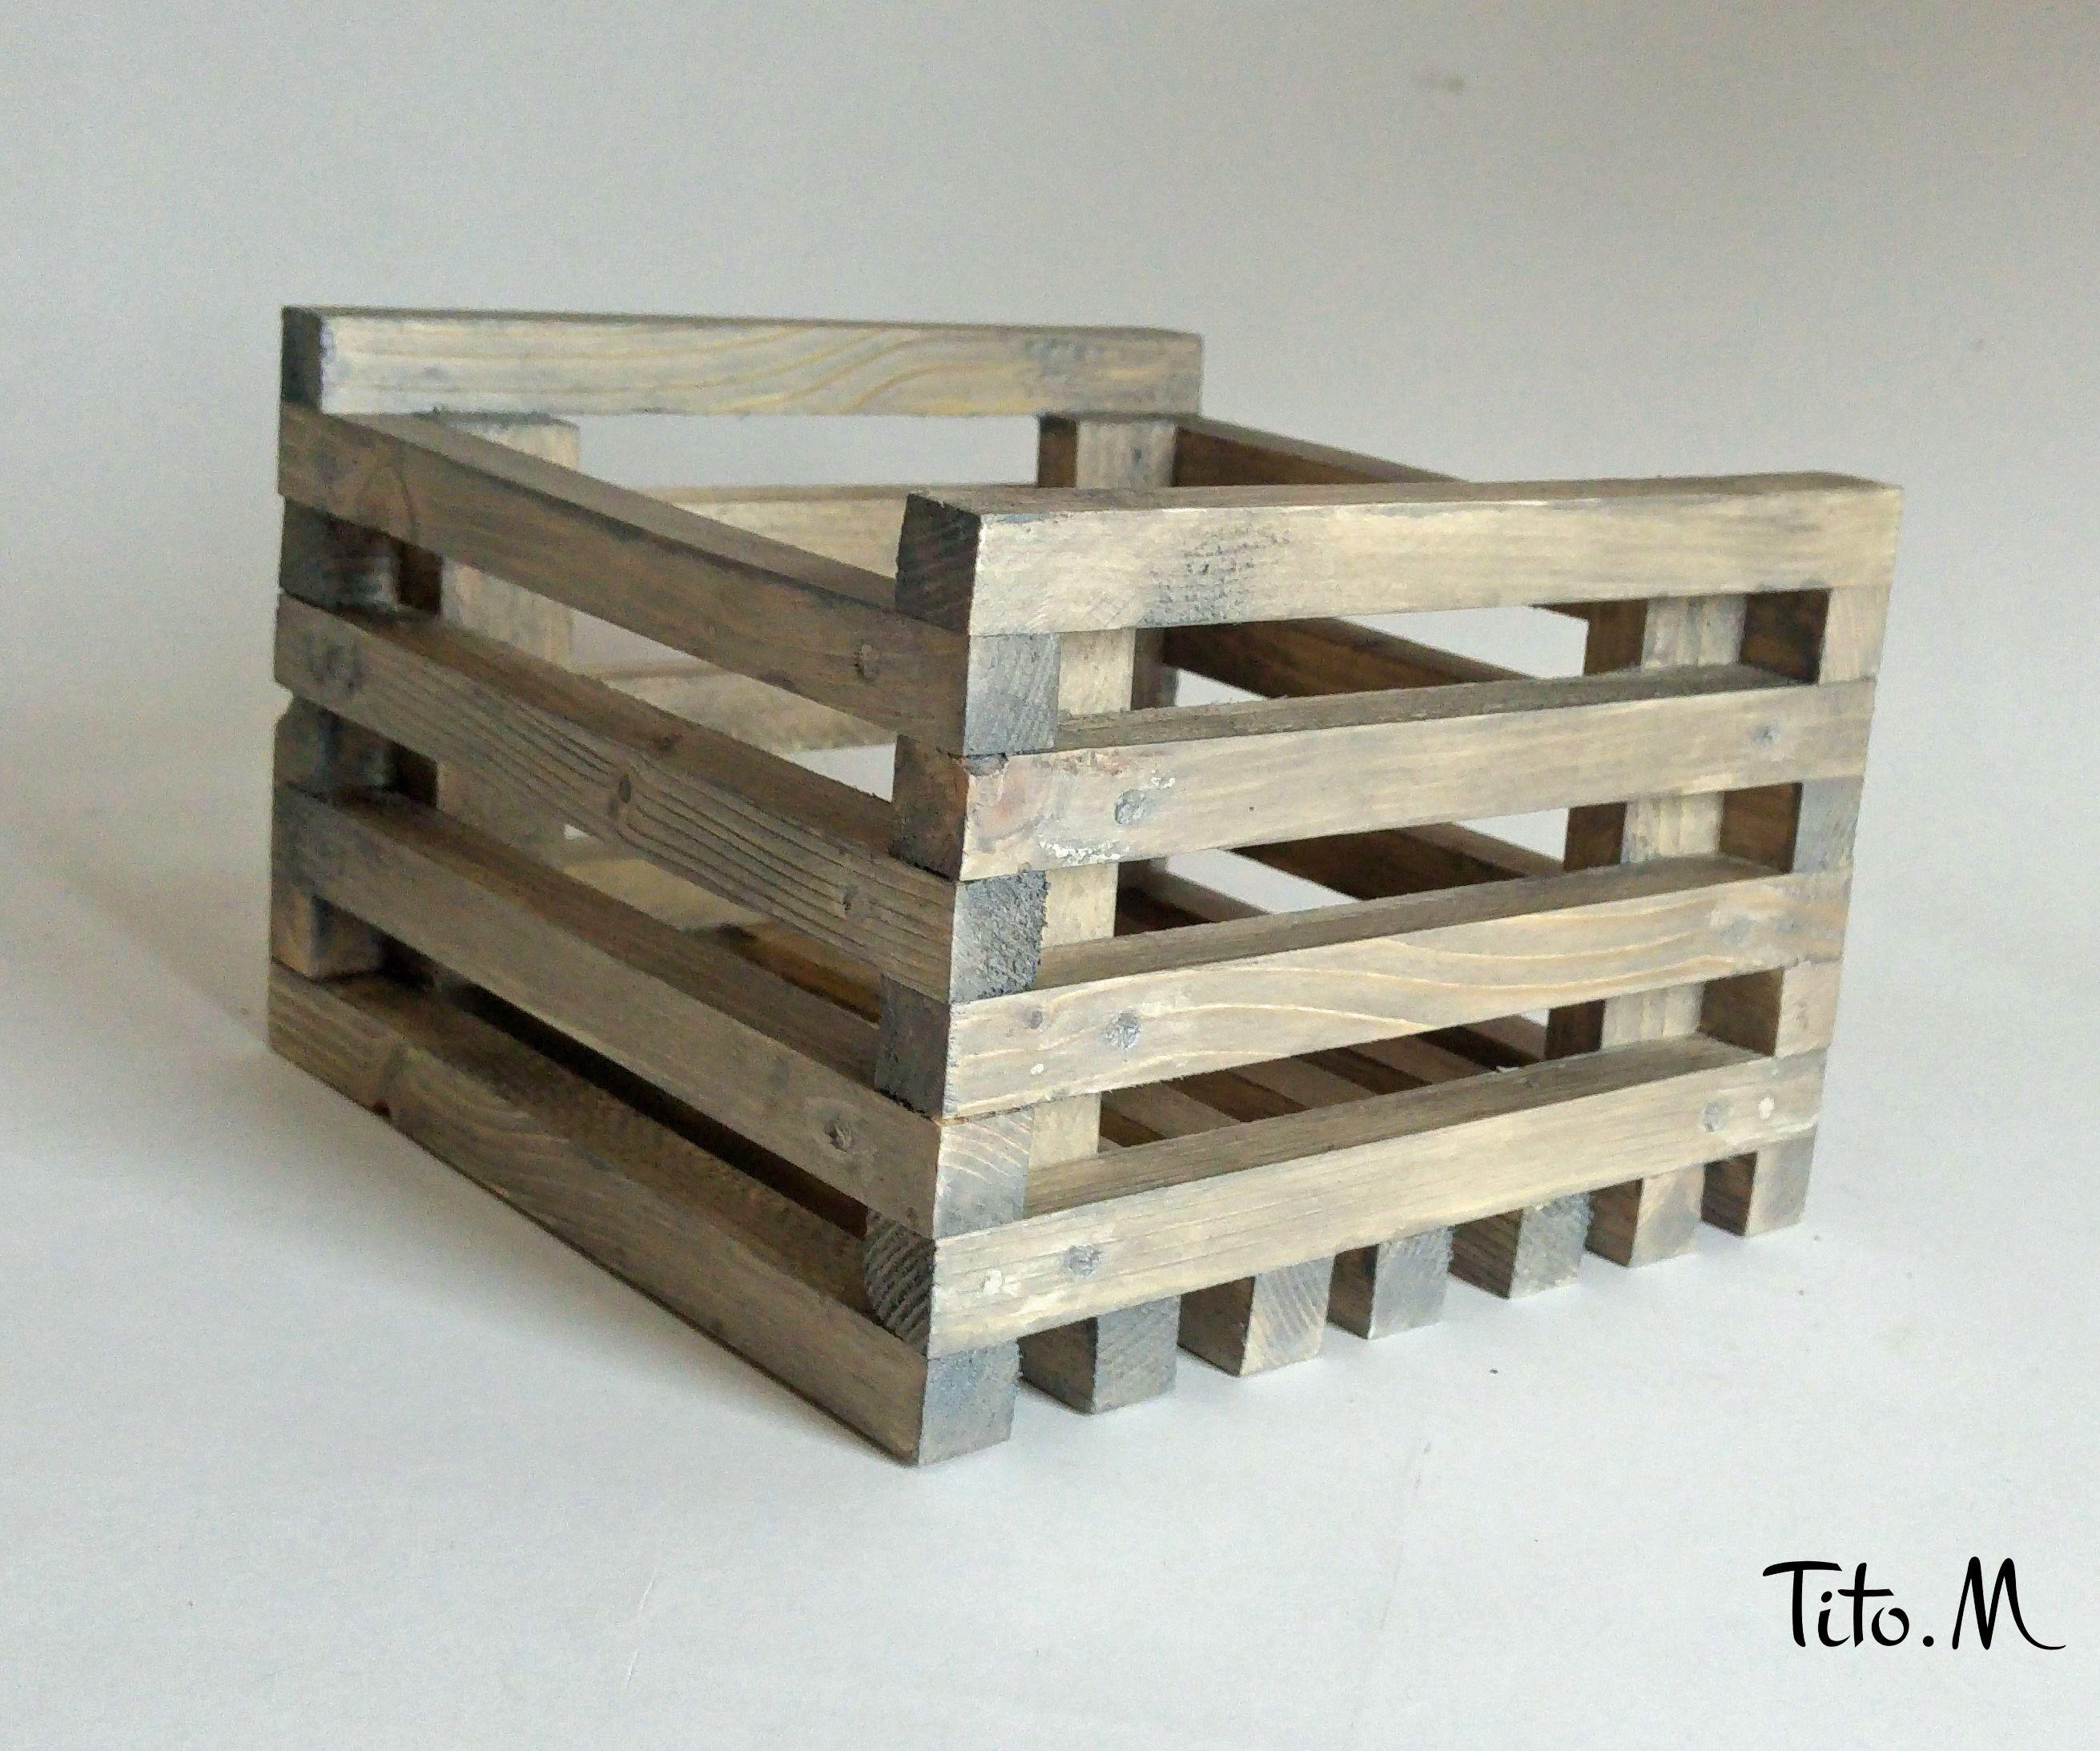 Planter Dans Une Caisse En Bois wooden crate, planter grey 20 / 20cm inside, outside | bois